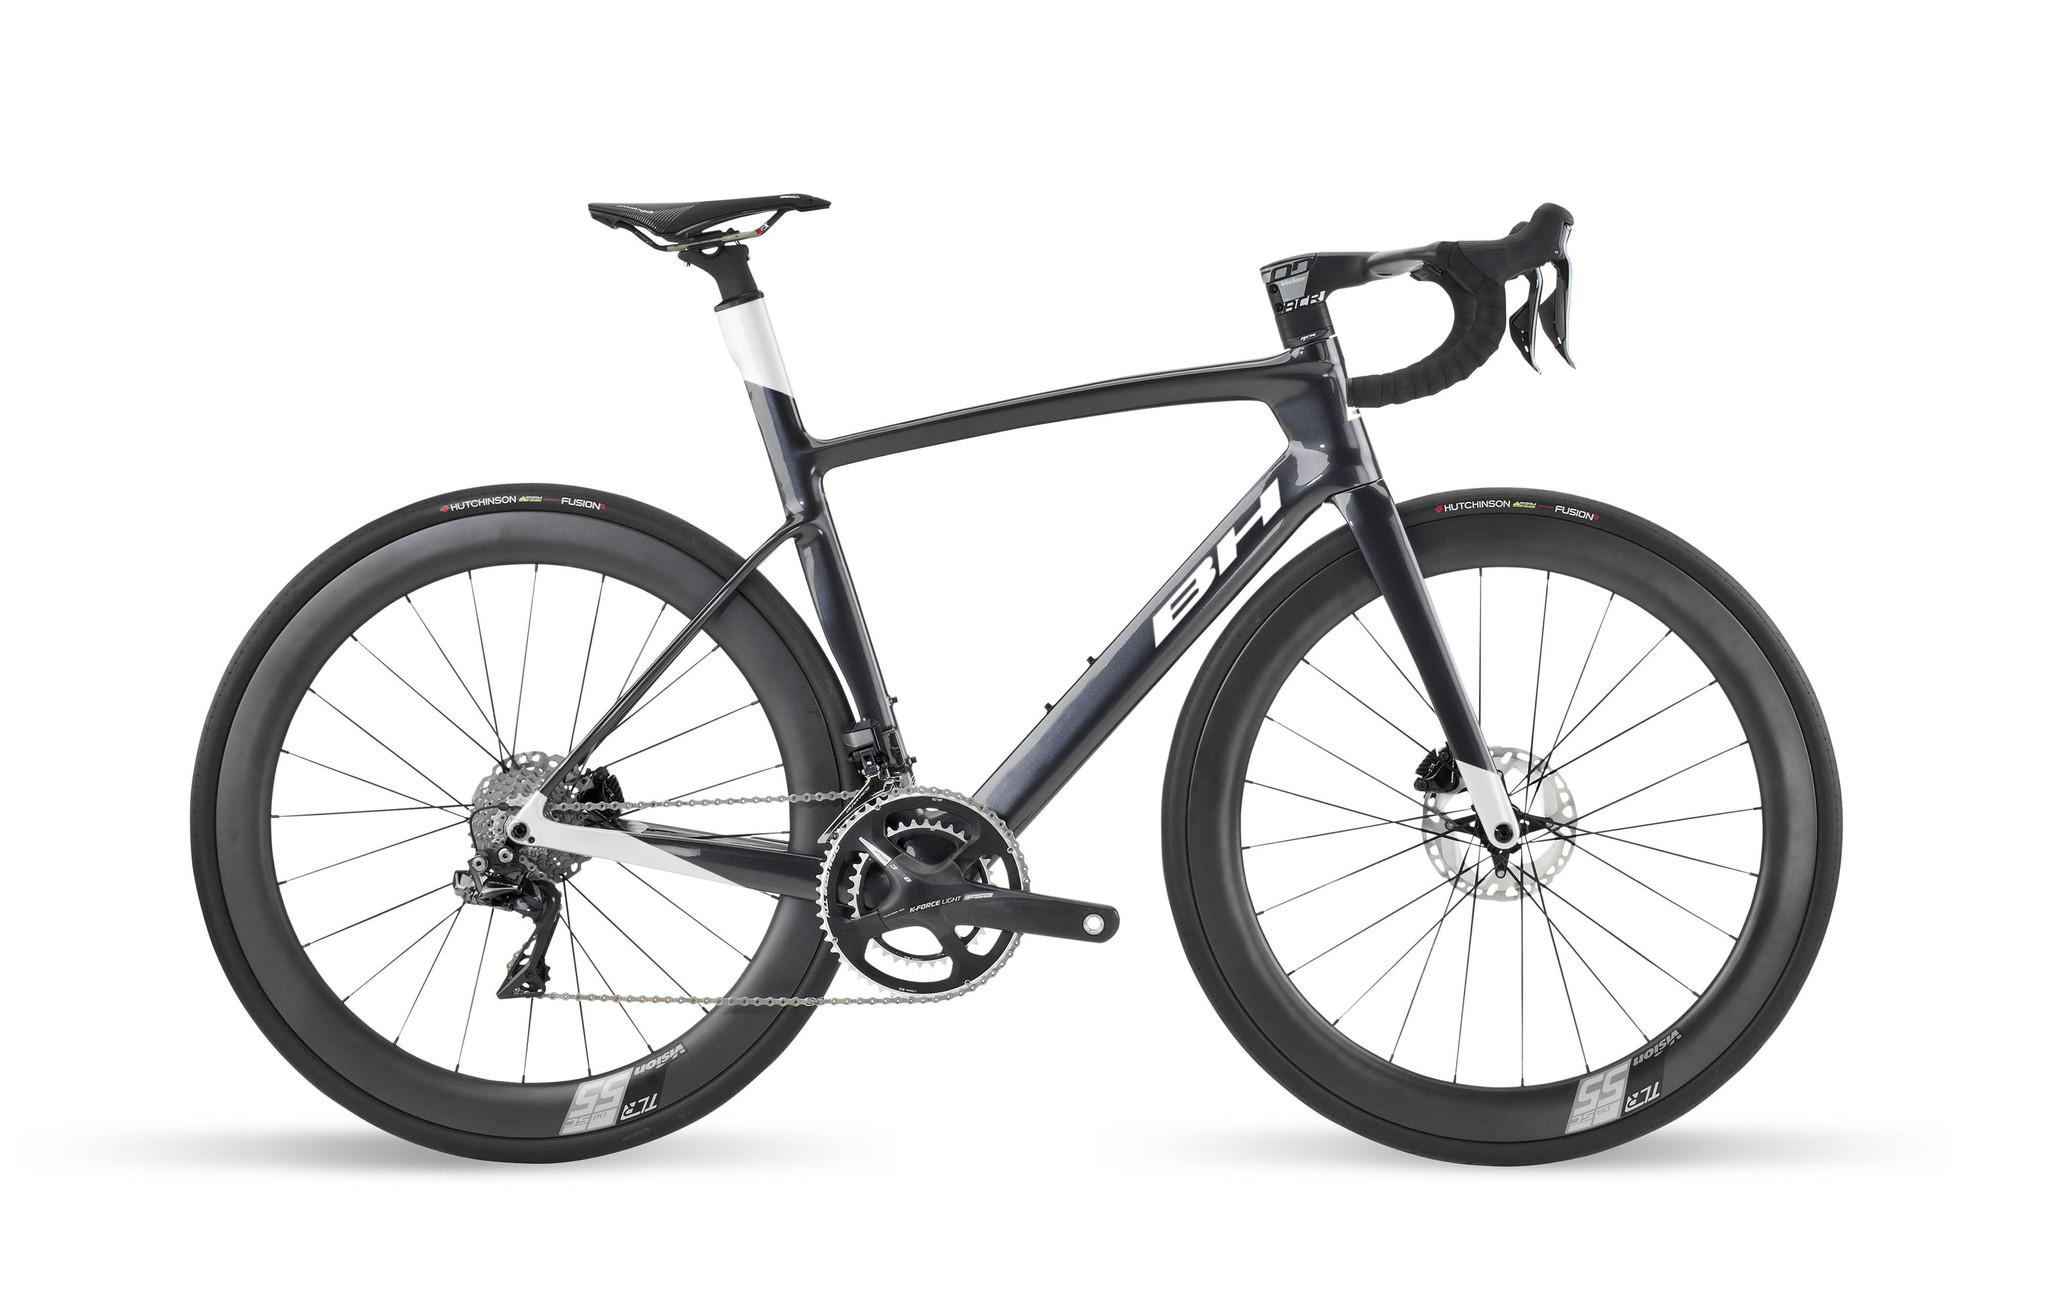 STOCK manubrio ultralight fibra di carbonio bici corsa bike